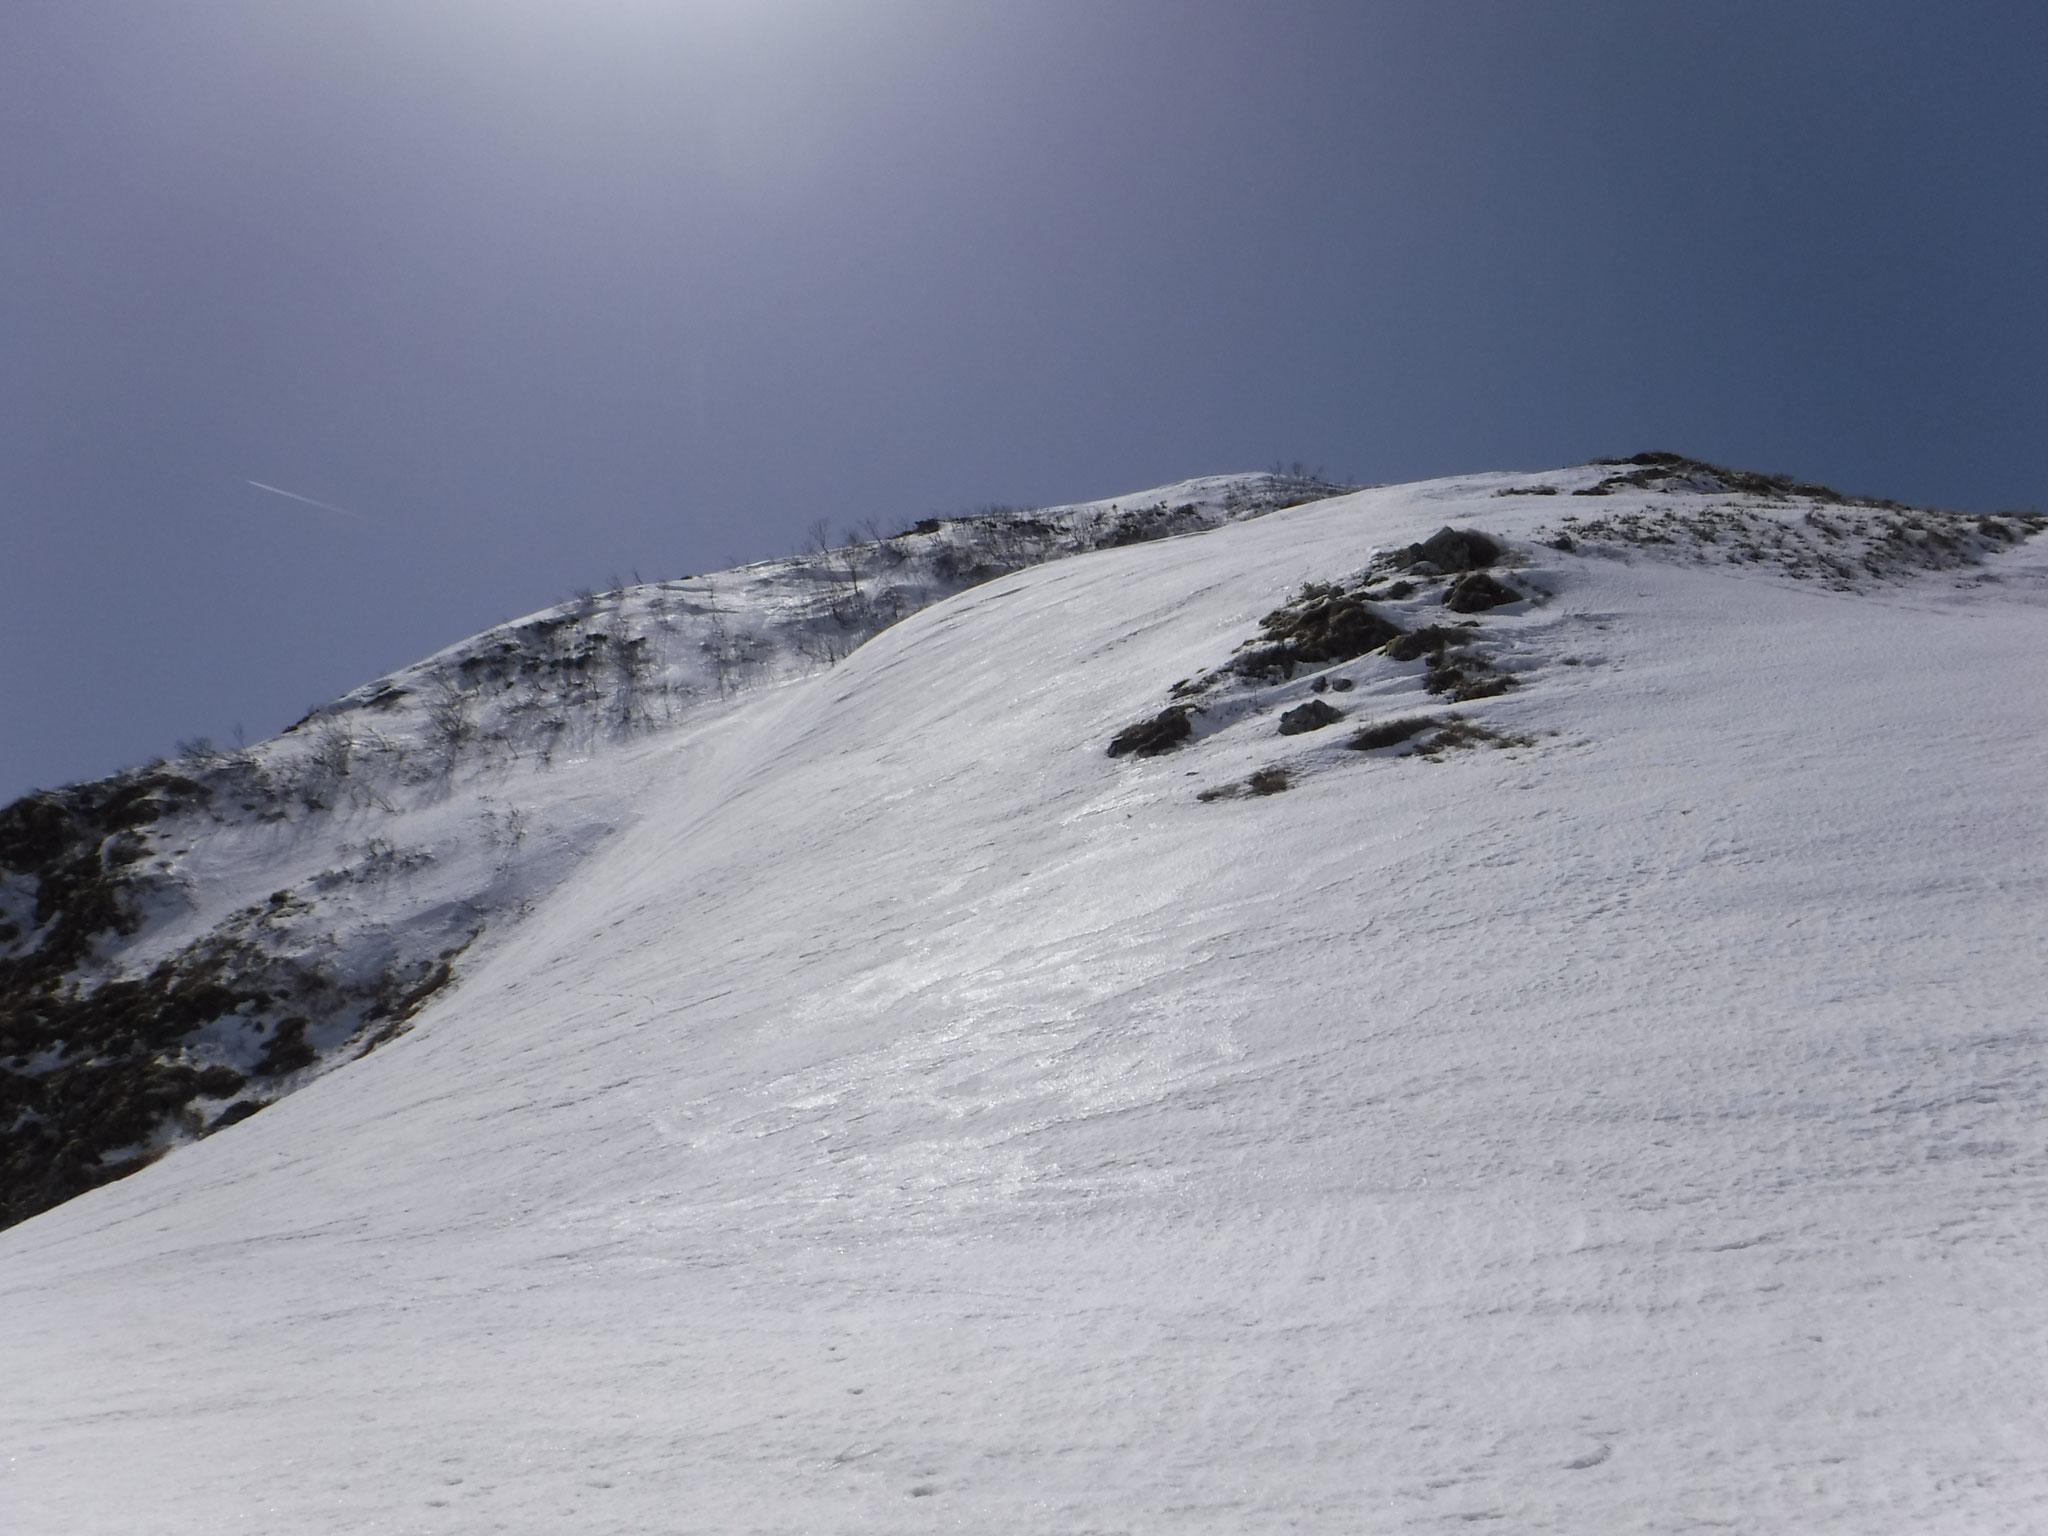 笹平より山頂への斜面